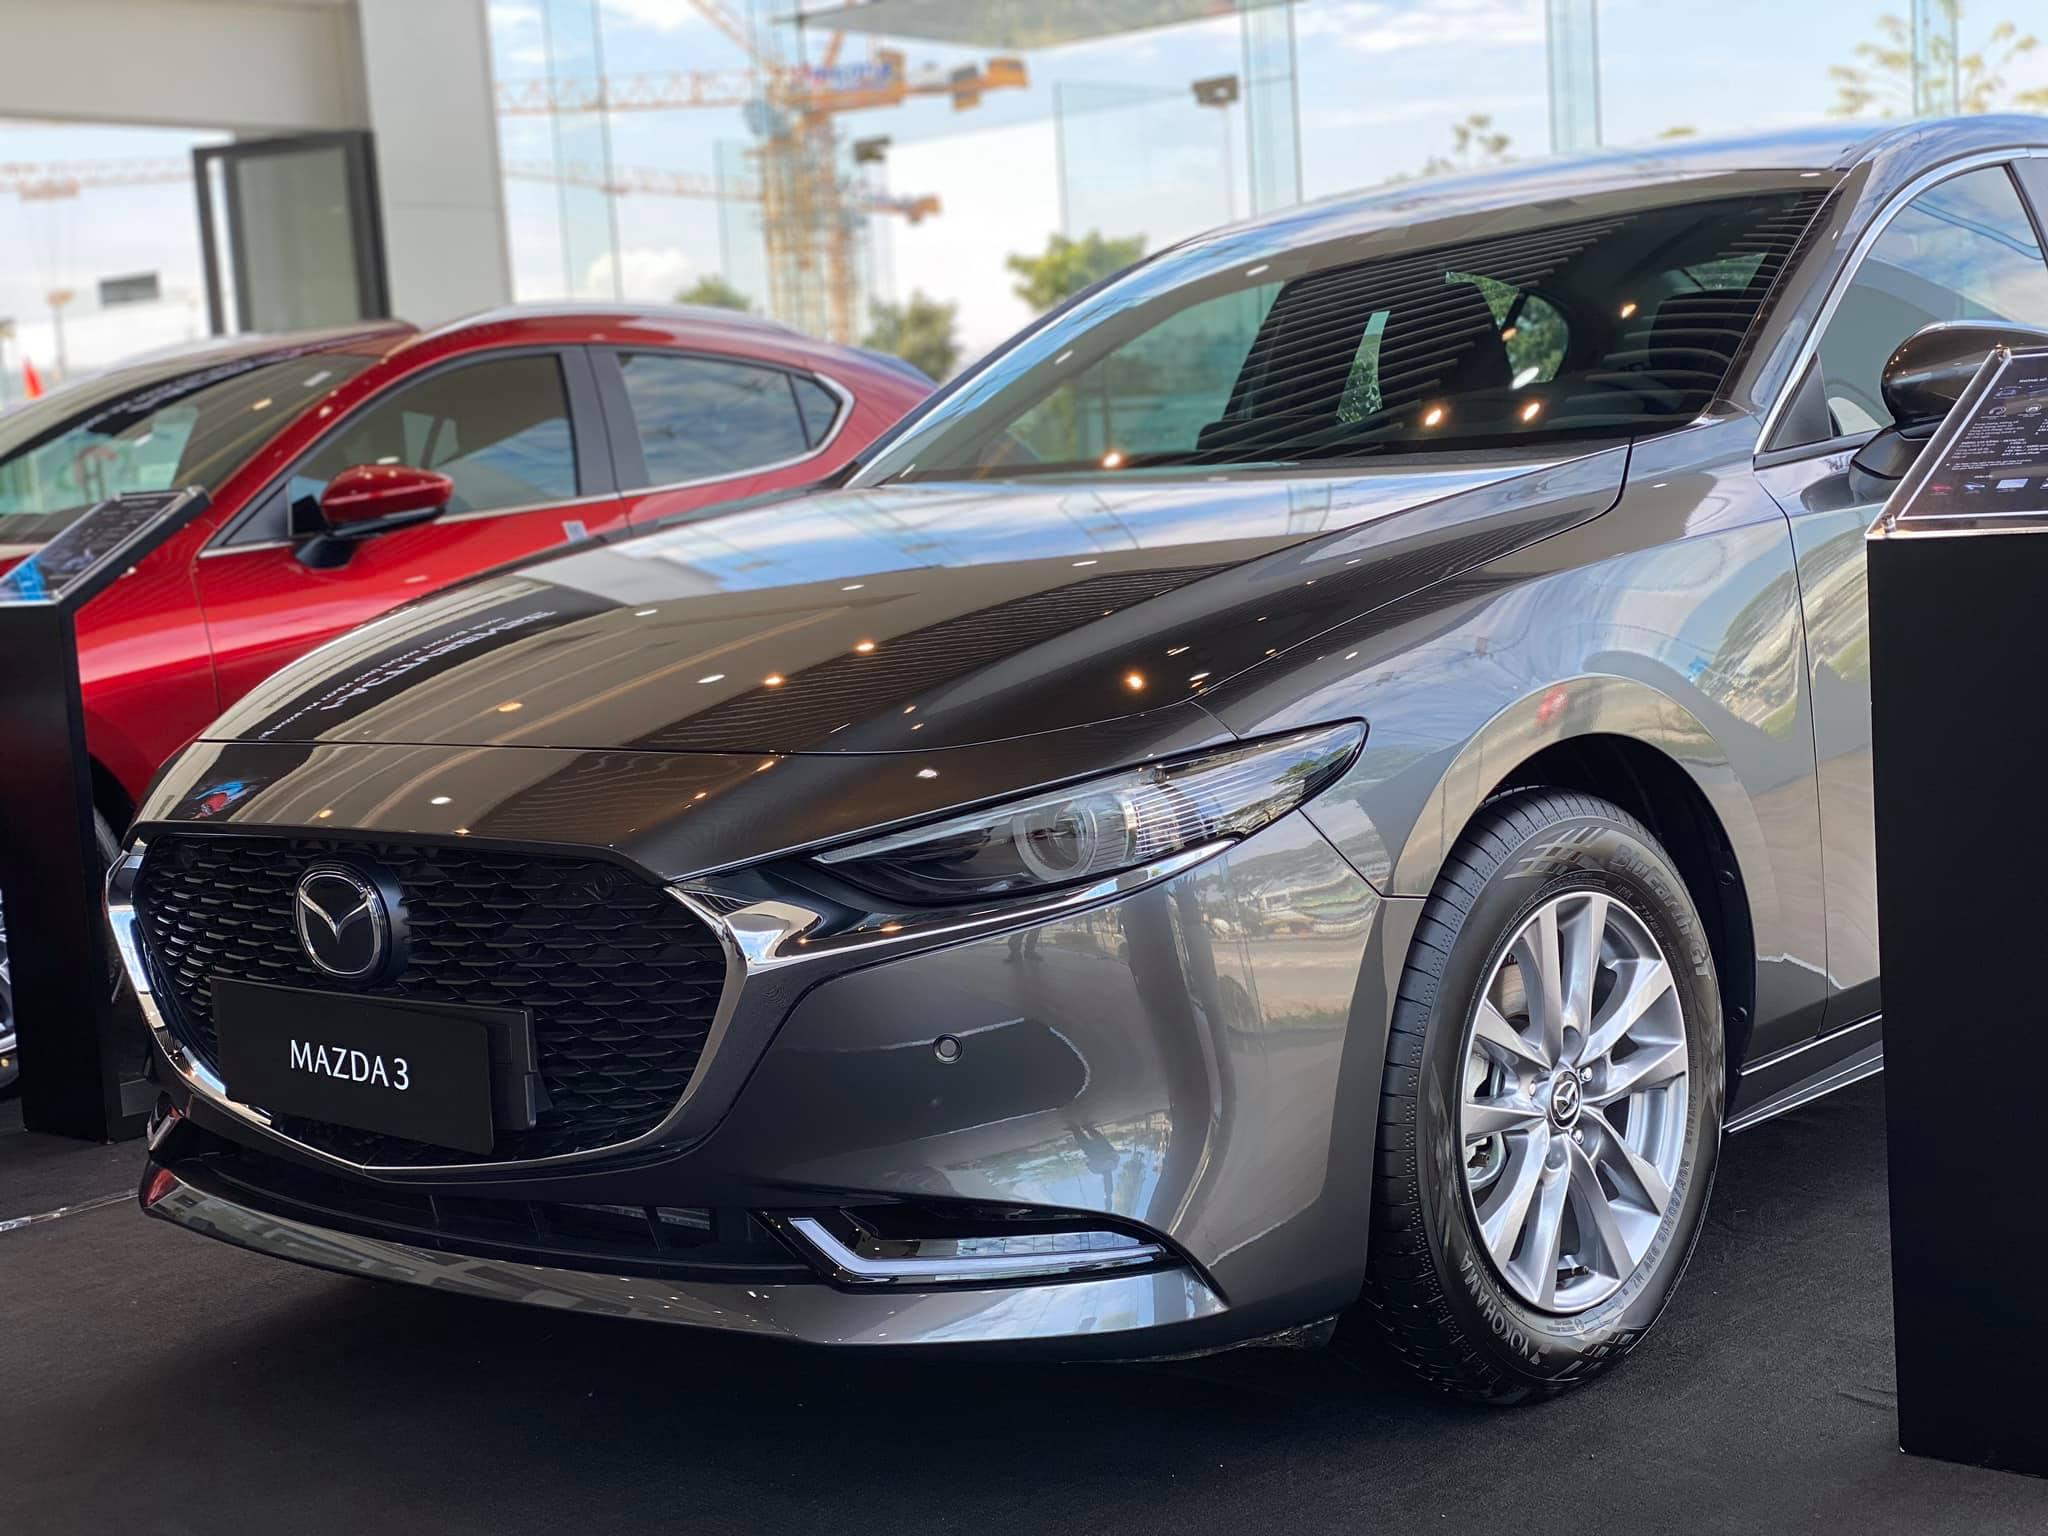 Cận cảnh Mazda3 2020 phiên bản Premium giá 839 triệu đồng tại Việt Nam - 3